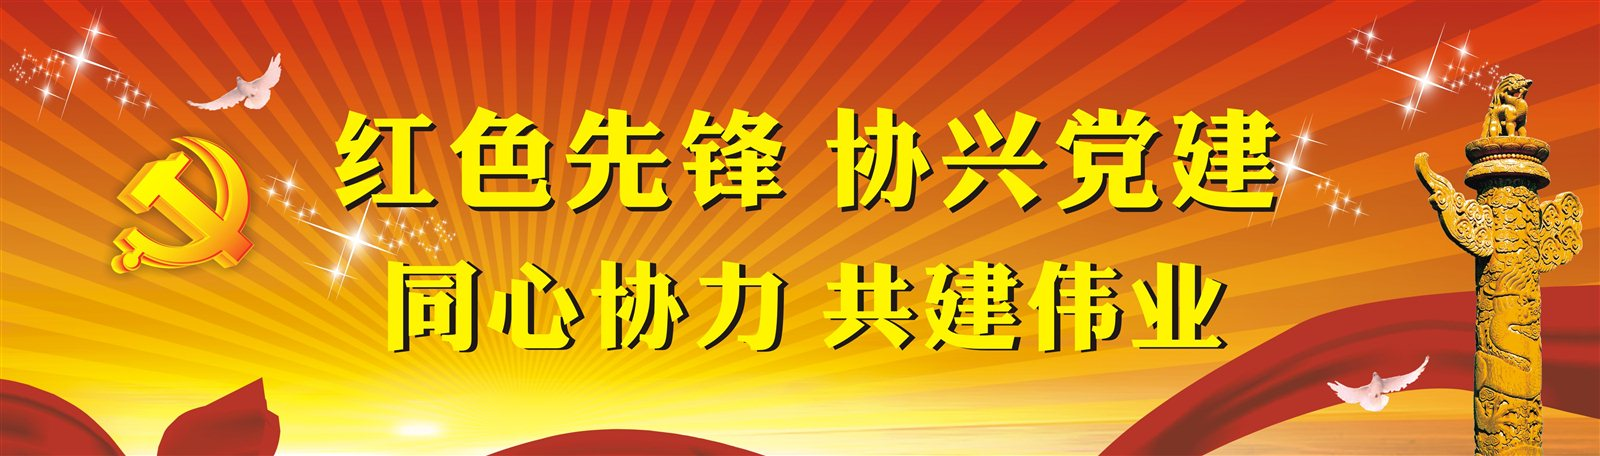 红色先锋―协兴党建封面